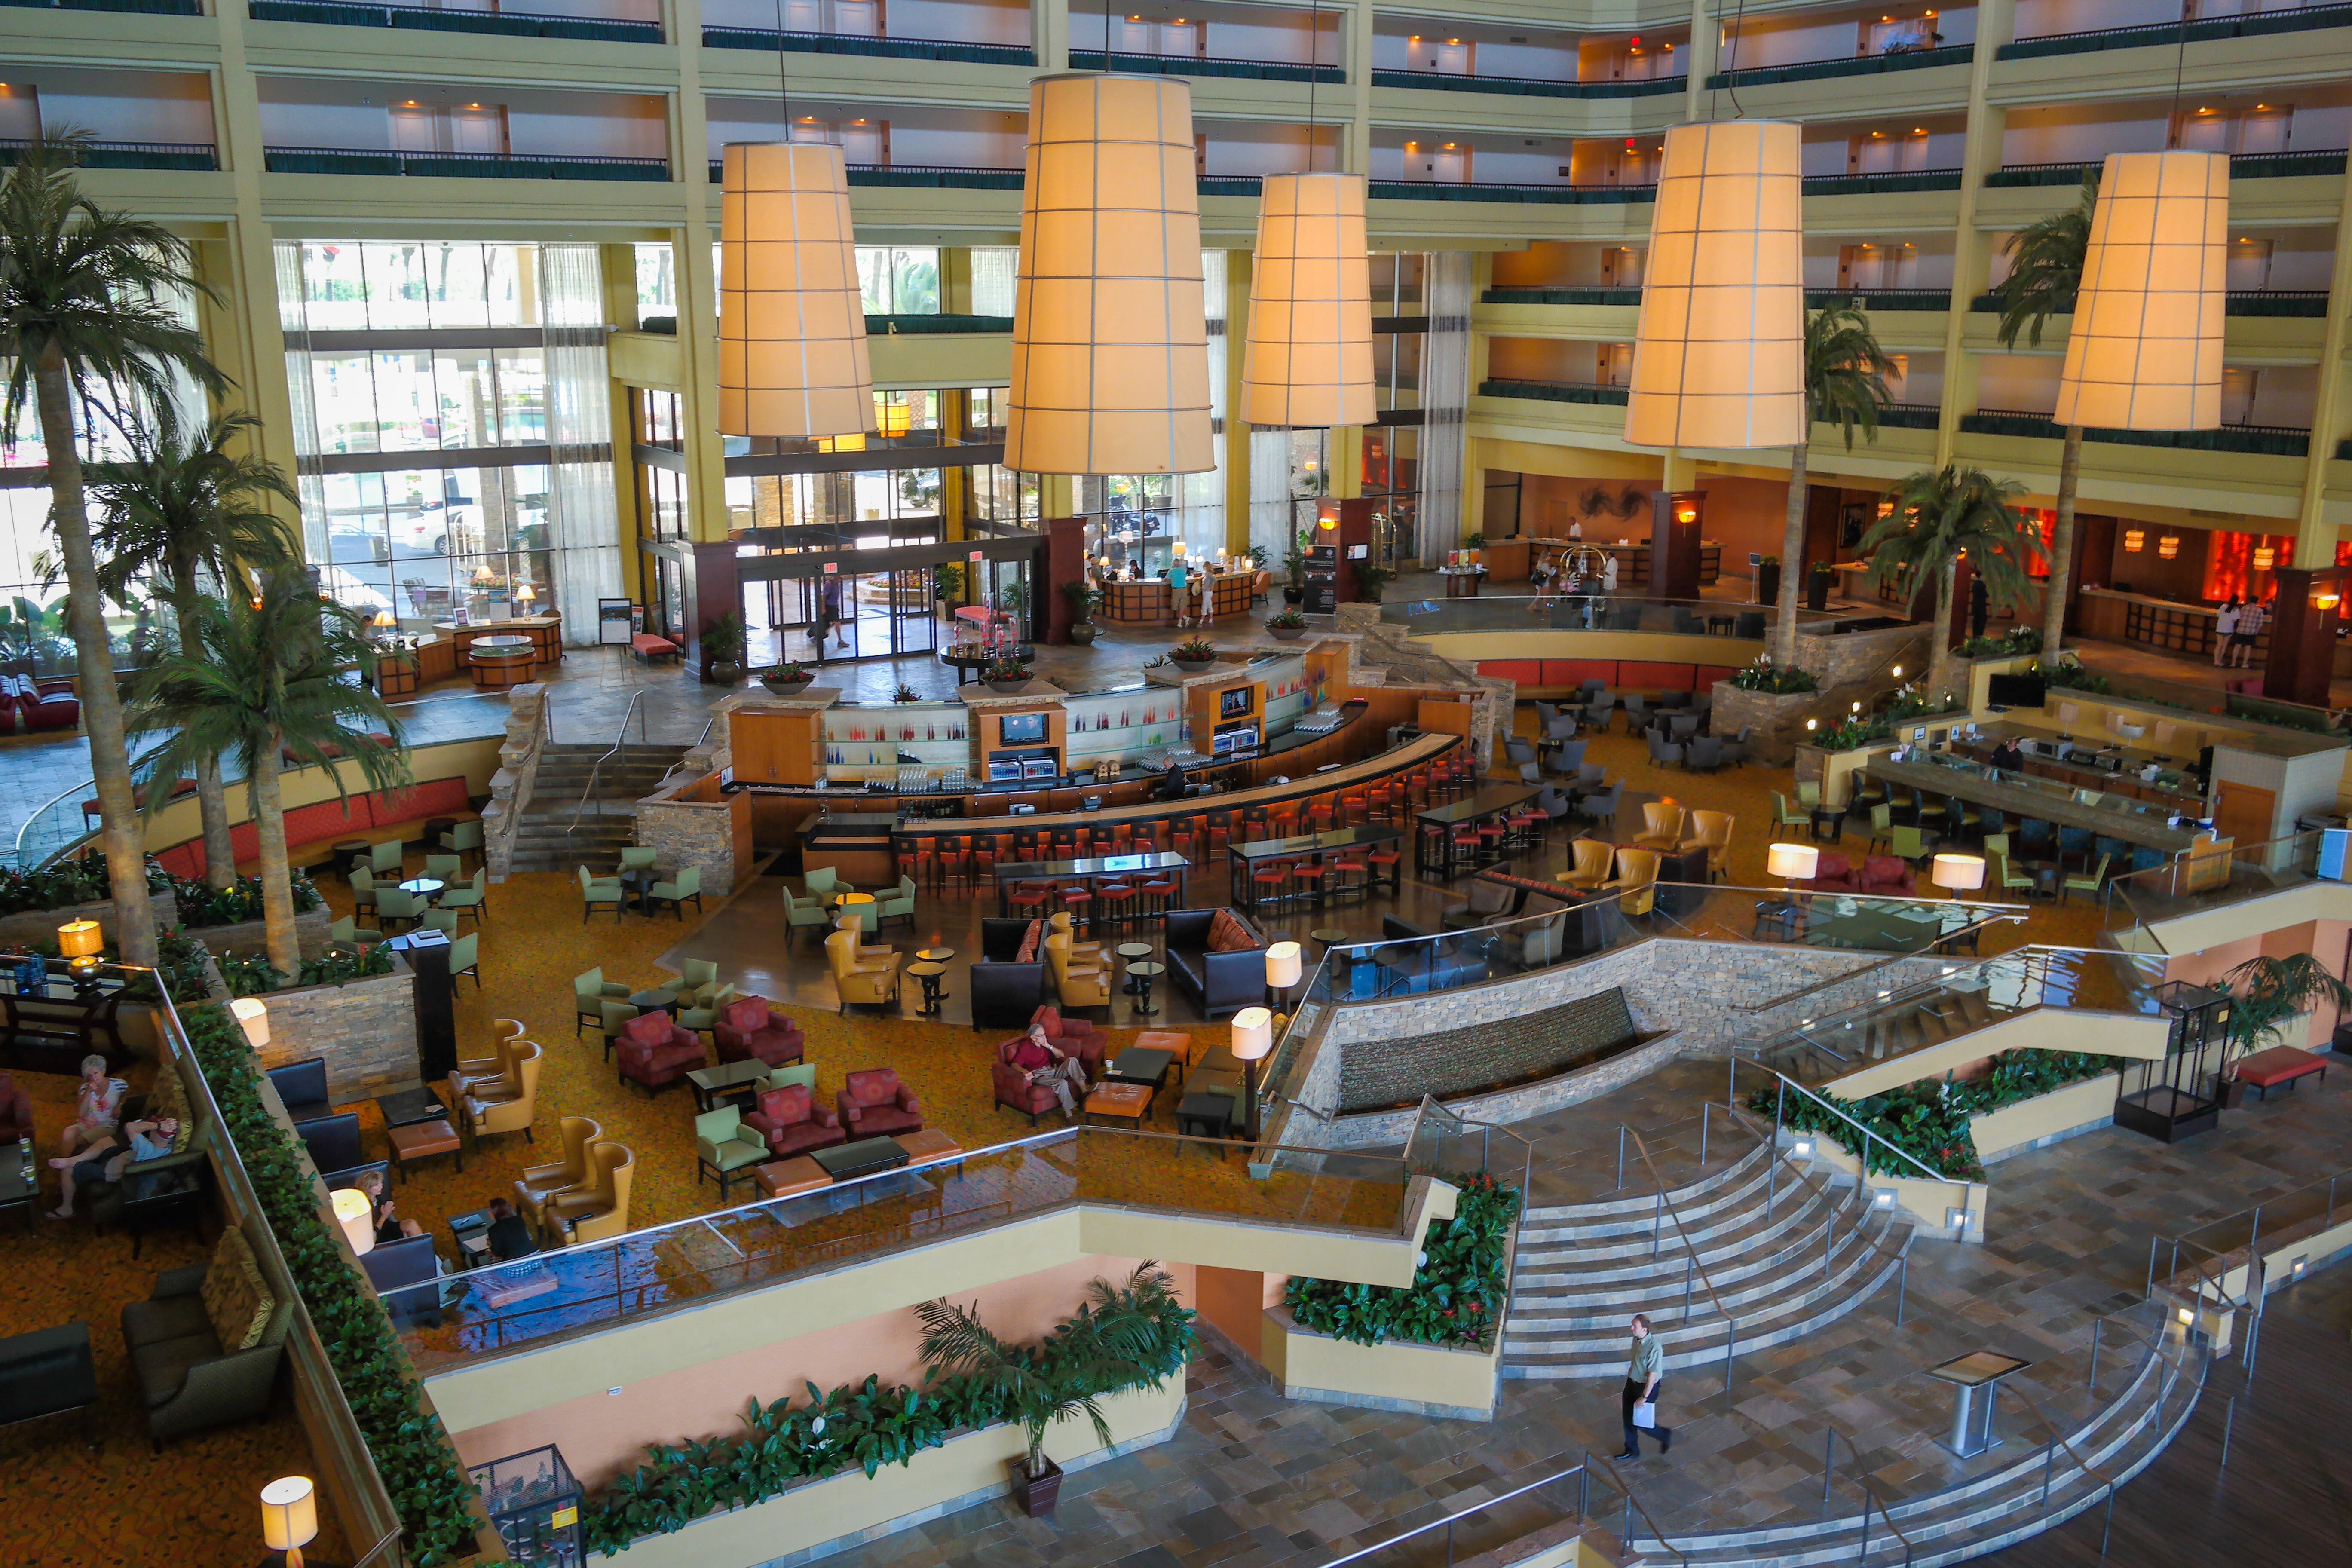 Marriott Hotels Palm Beach Florida